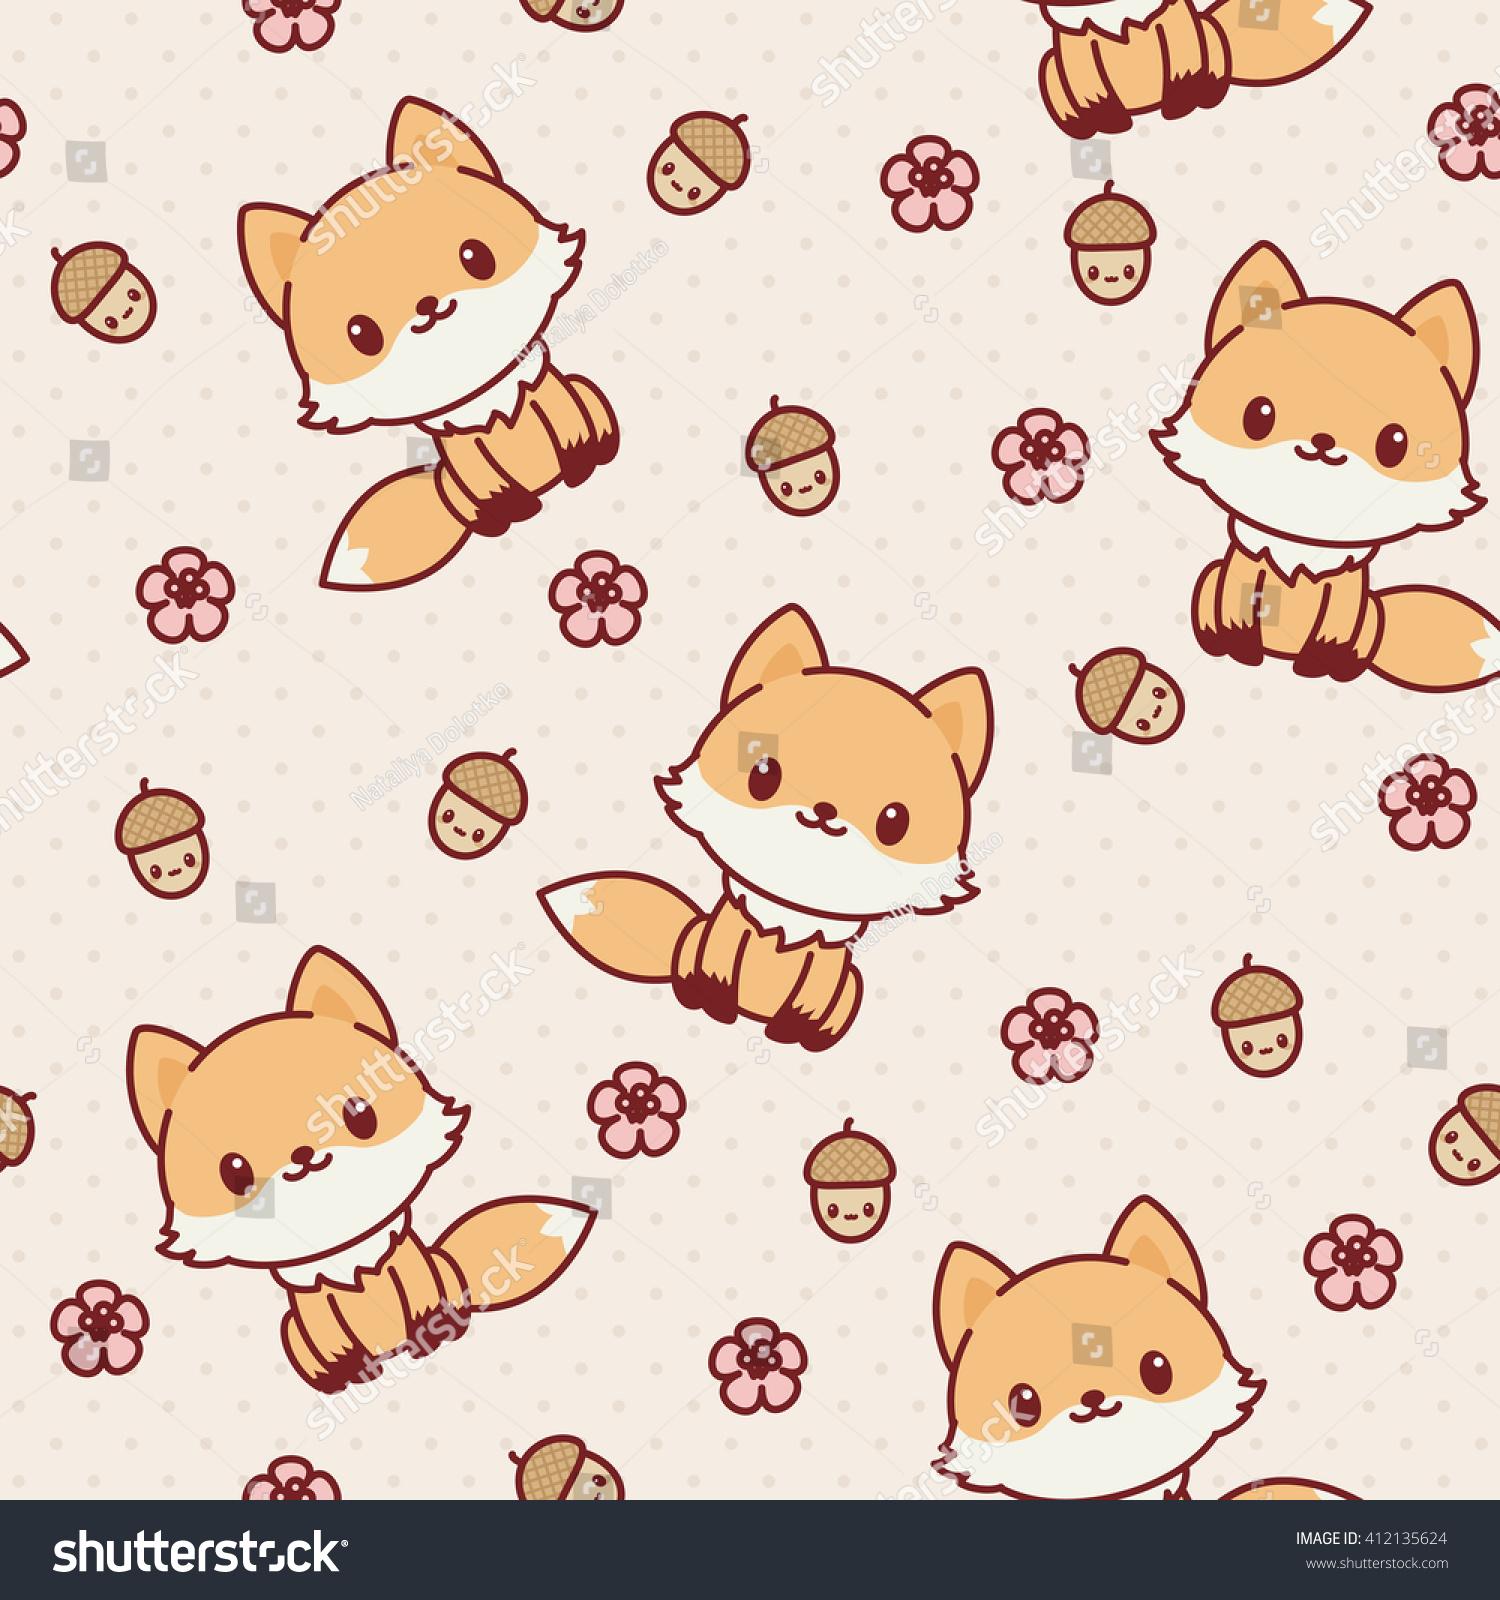 Kawaii Fox Seamless Wallpaper Vector Pattern